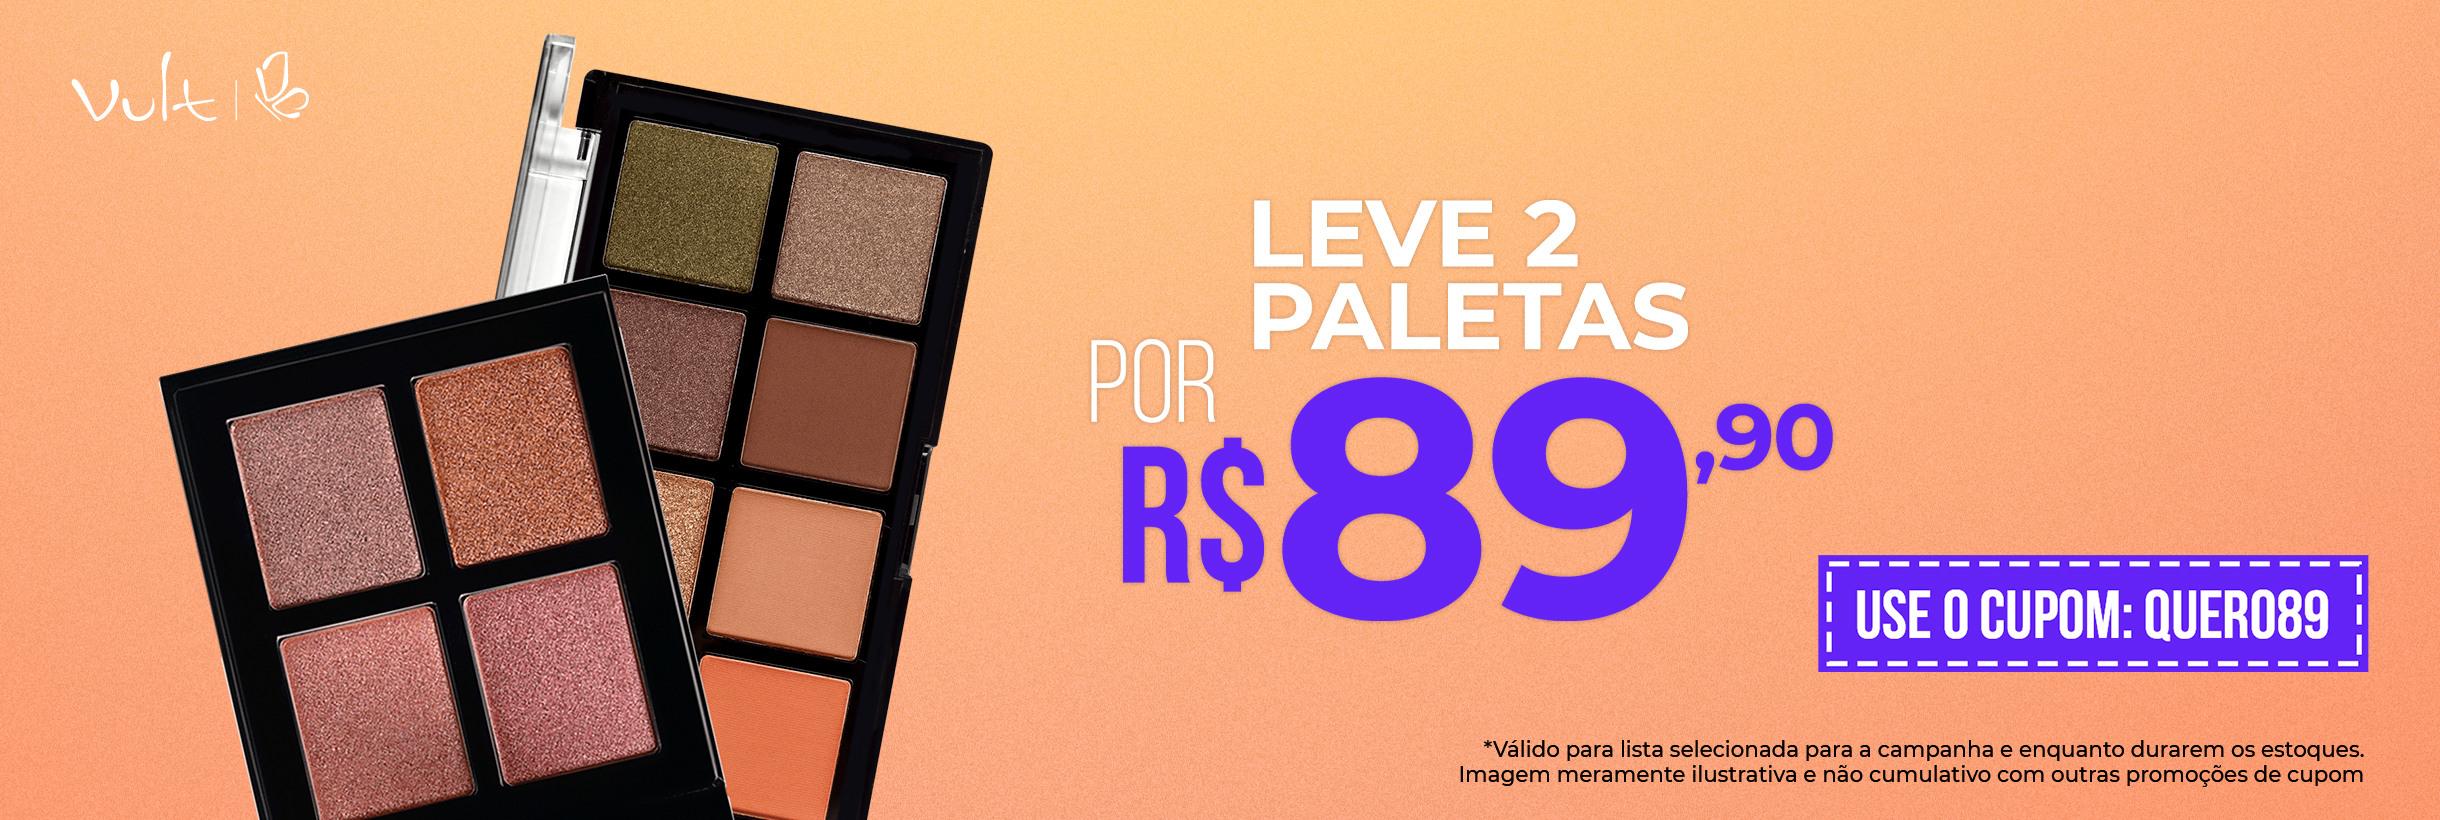 Leve 2 Paletas por R$89,90